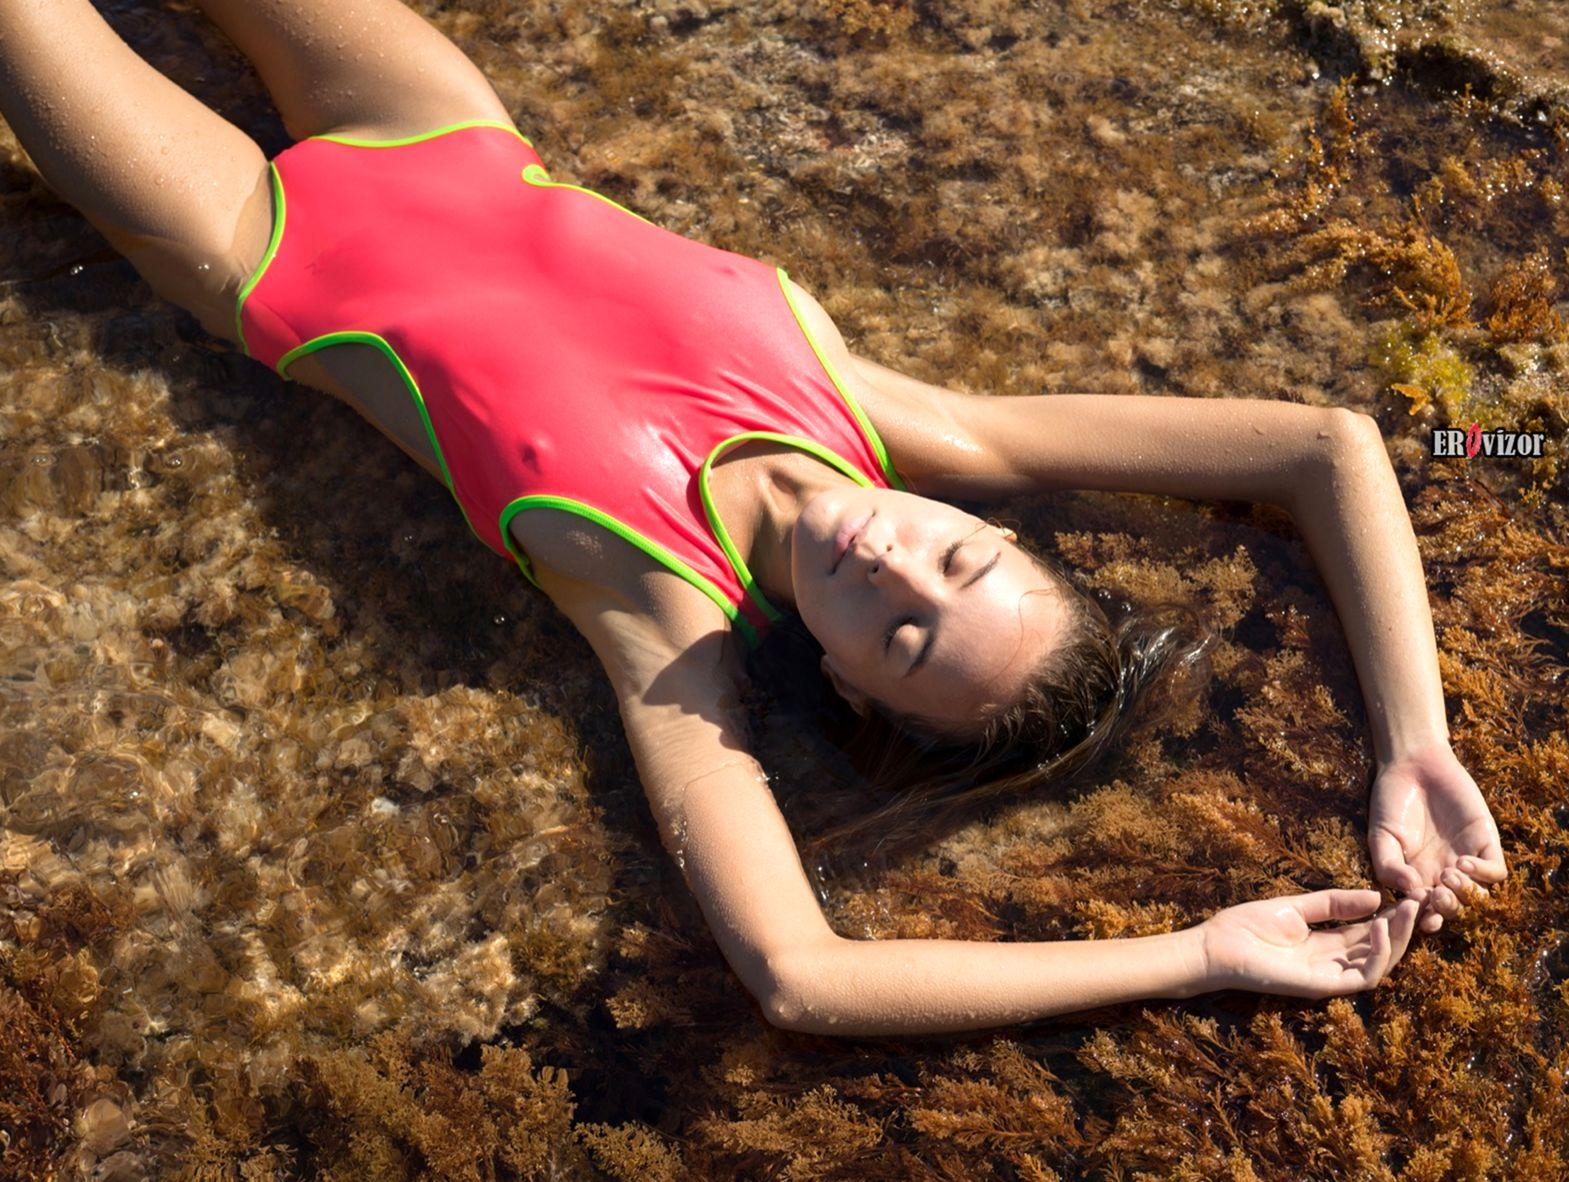 Катя Кловер сняла купальник на берегу моря